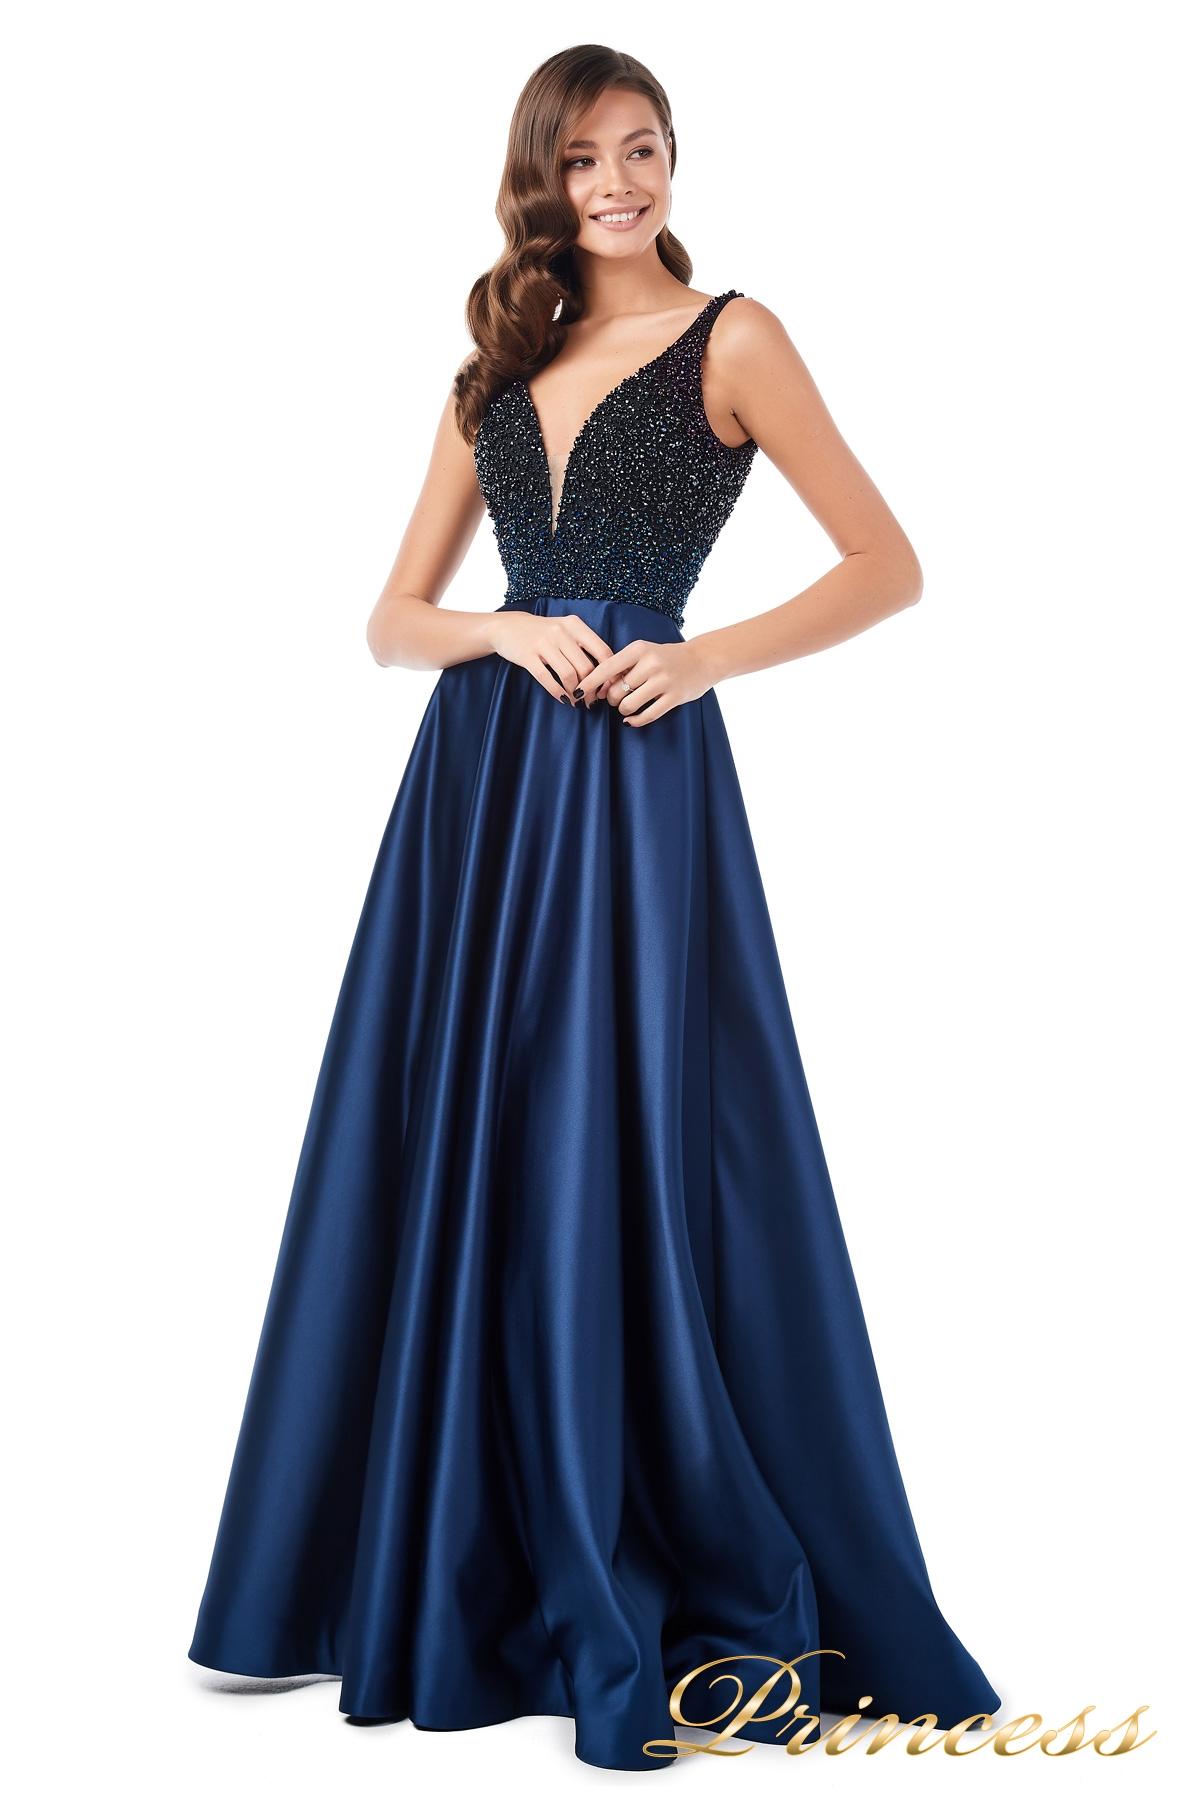 d98e92ddb4479 Купить вечернее платье 18107 navy синего цвета по цене 35500 руб. в ...